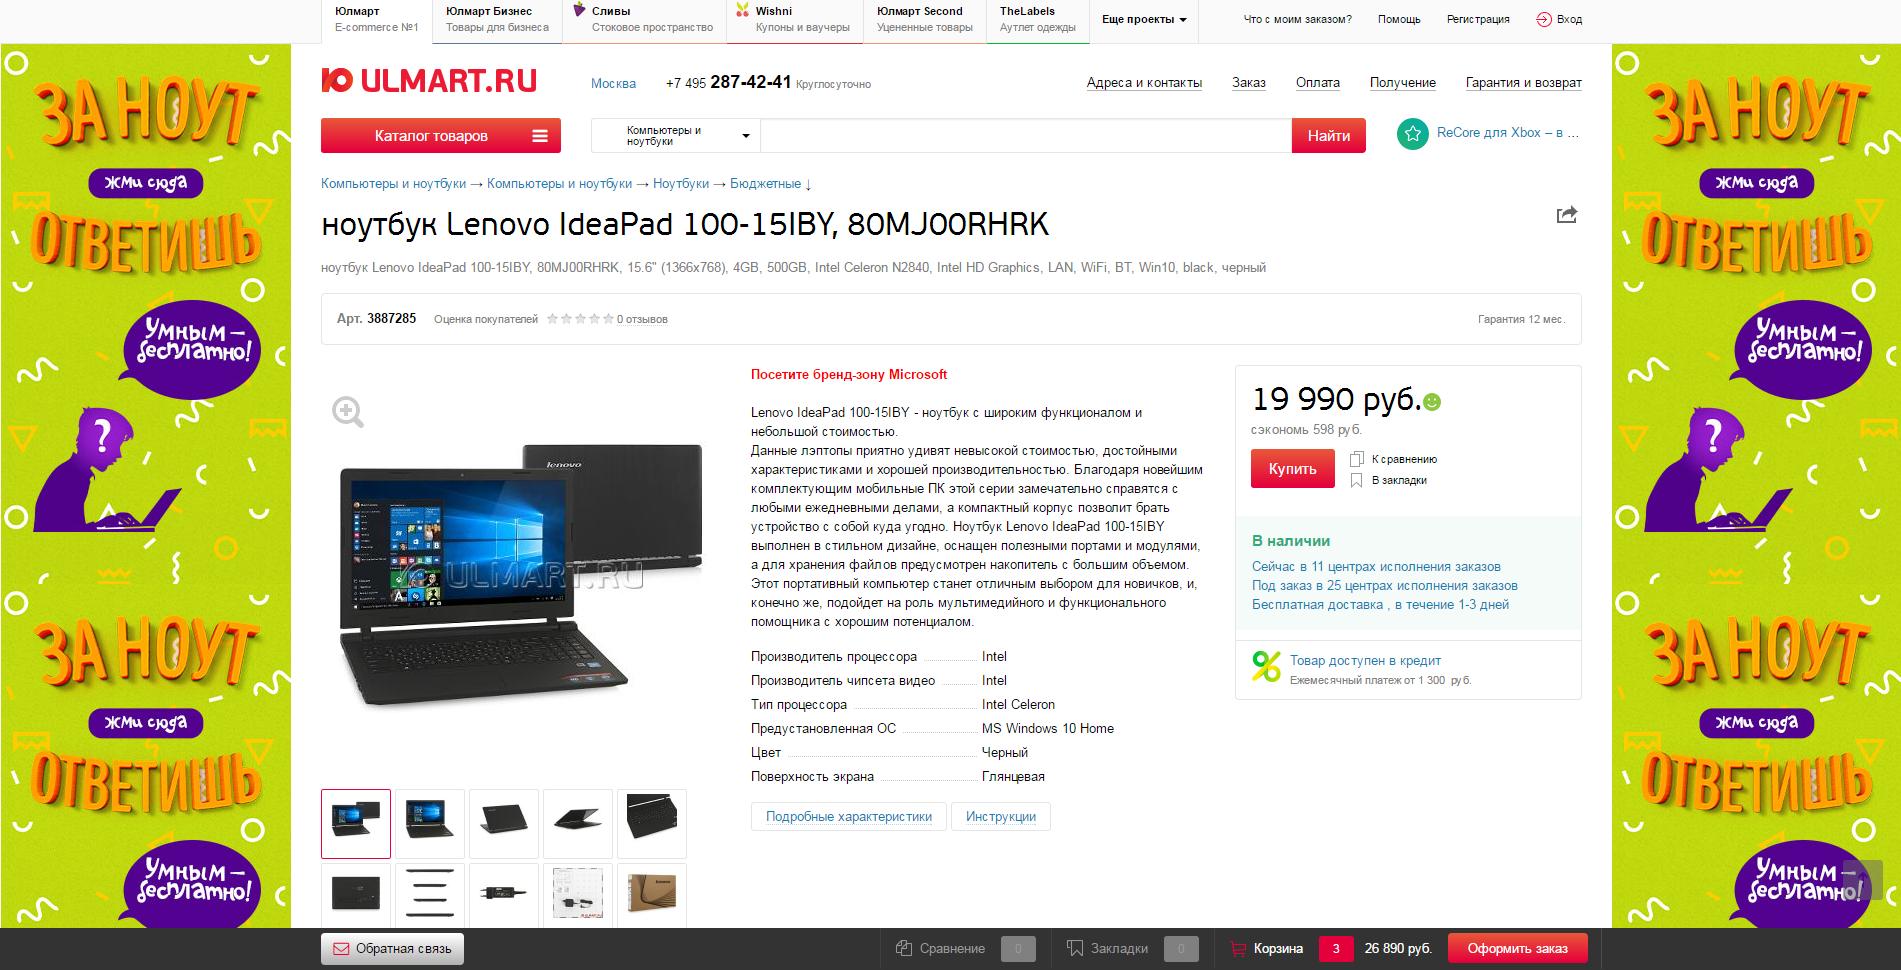 компьютеры и ноутбуки интернет-магазин юлмарт жаловаться, если звонят